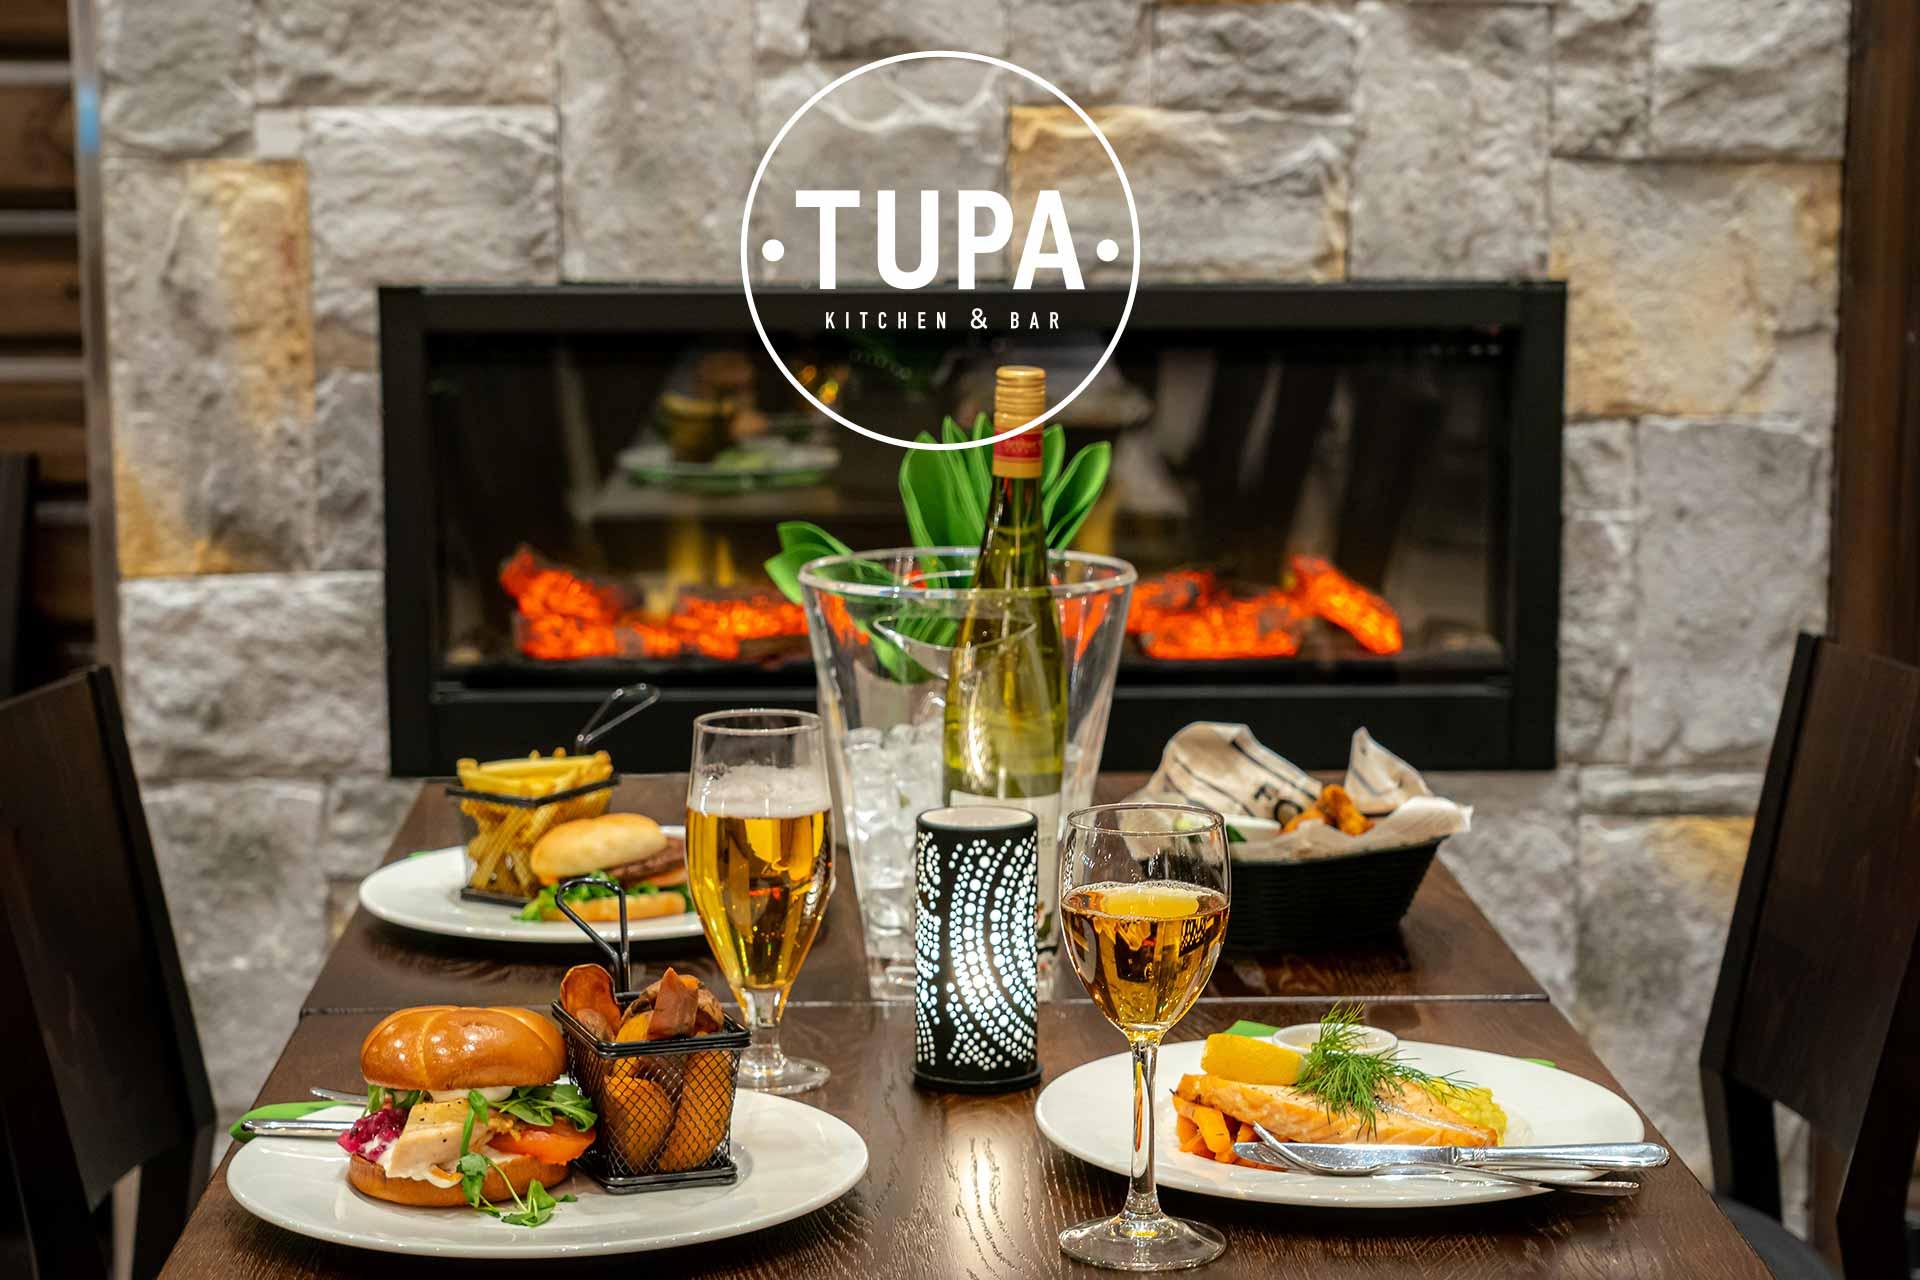 Tupa kitchen & bar